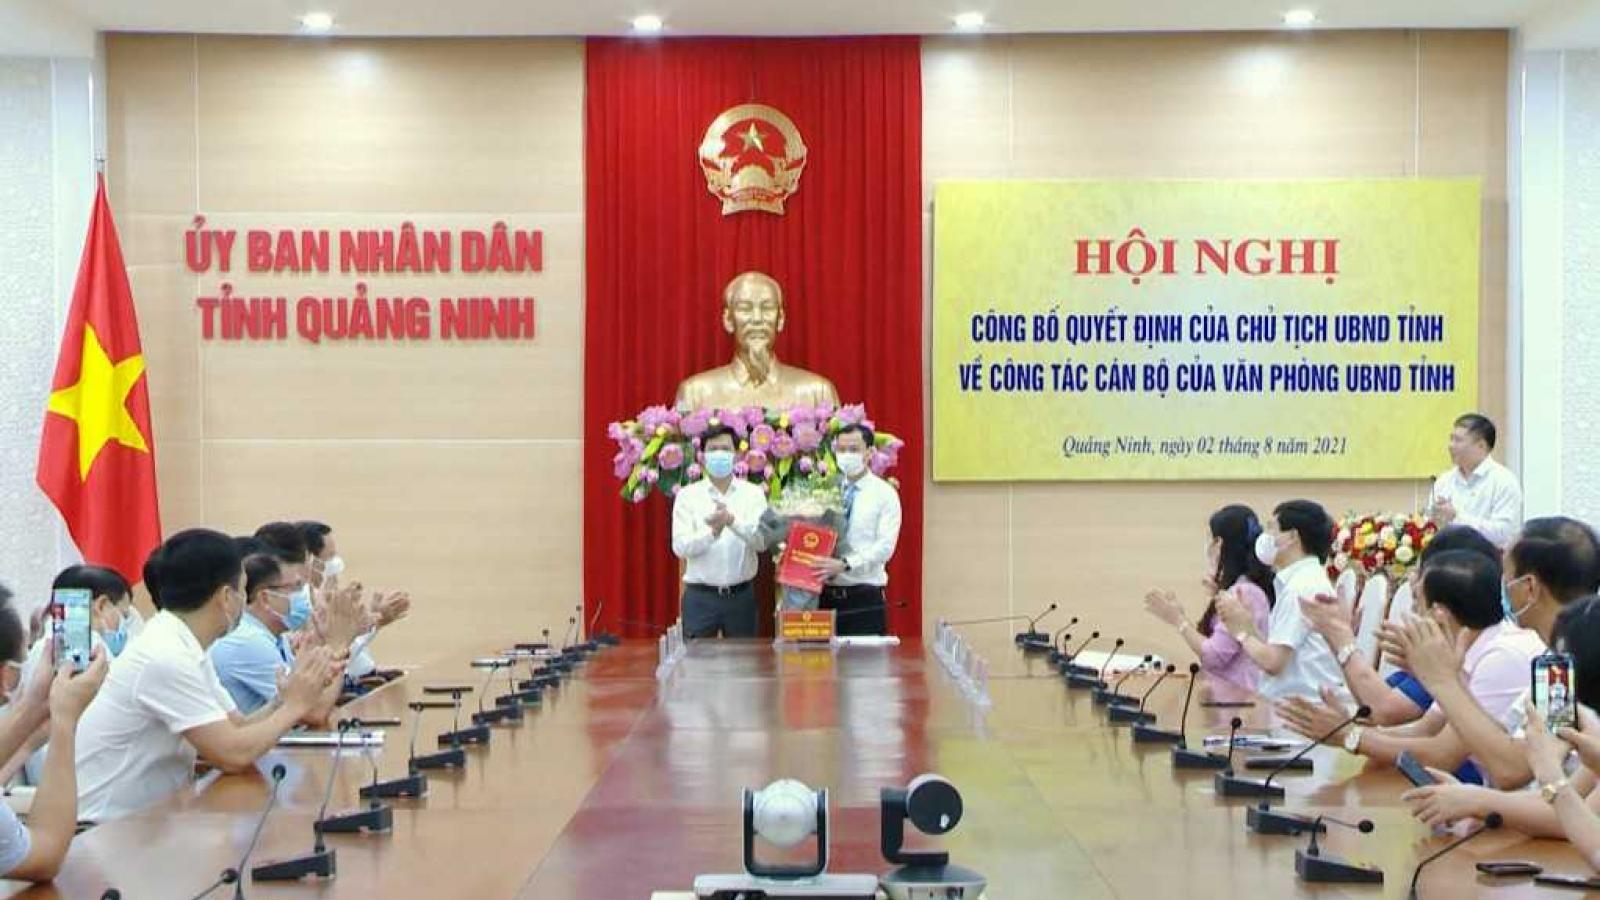 Ông Phạm Hồng Biên giữ chức Chánh Văn phòng UBND tỉnh Quảng Ninh